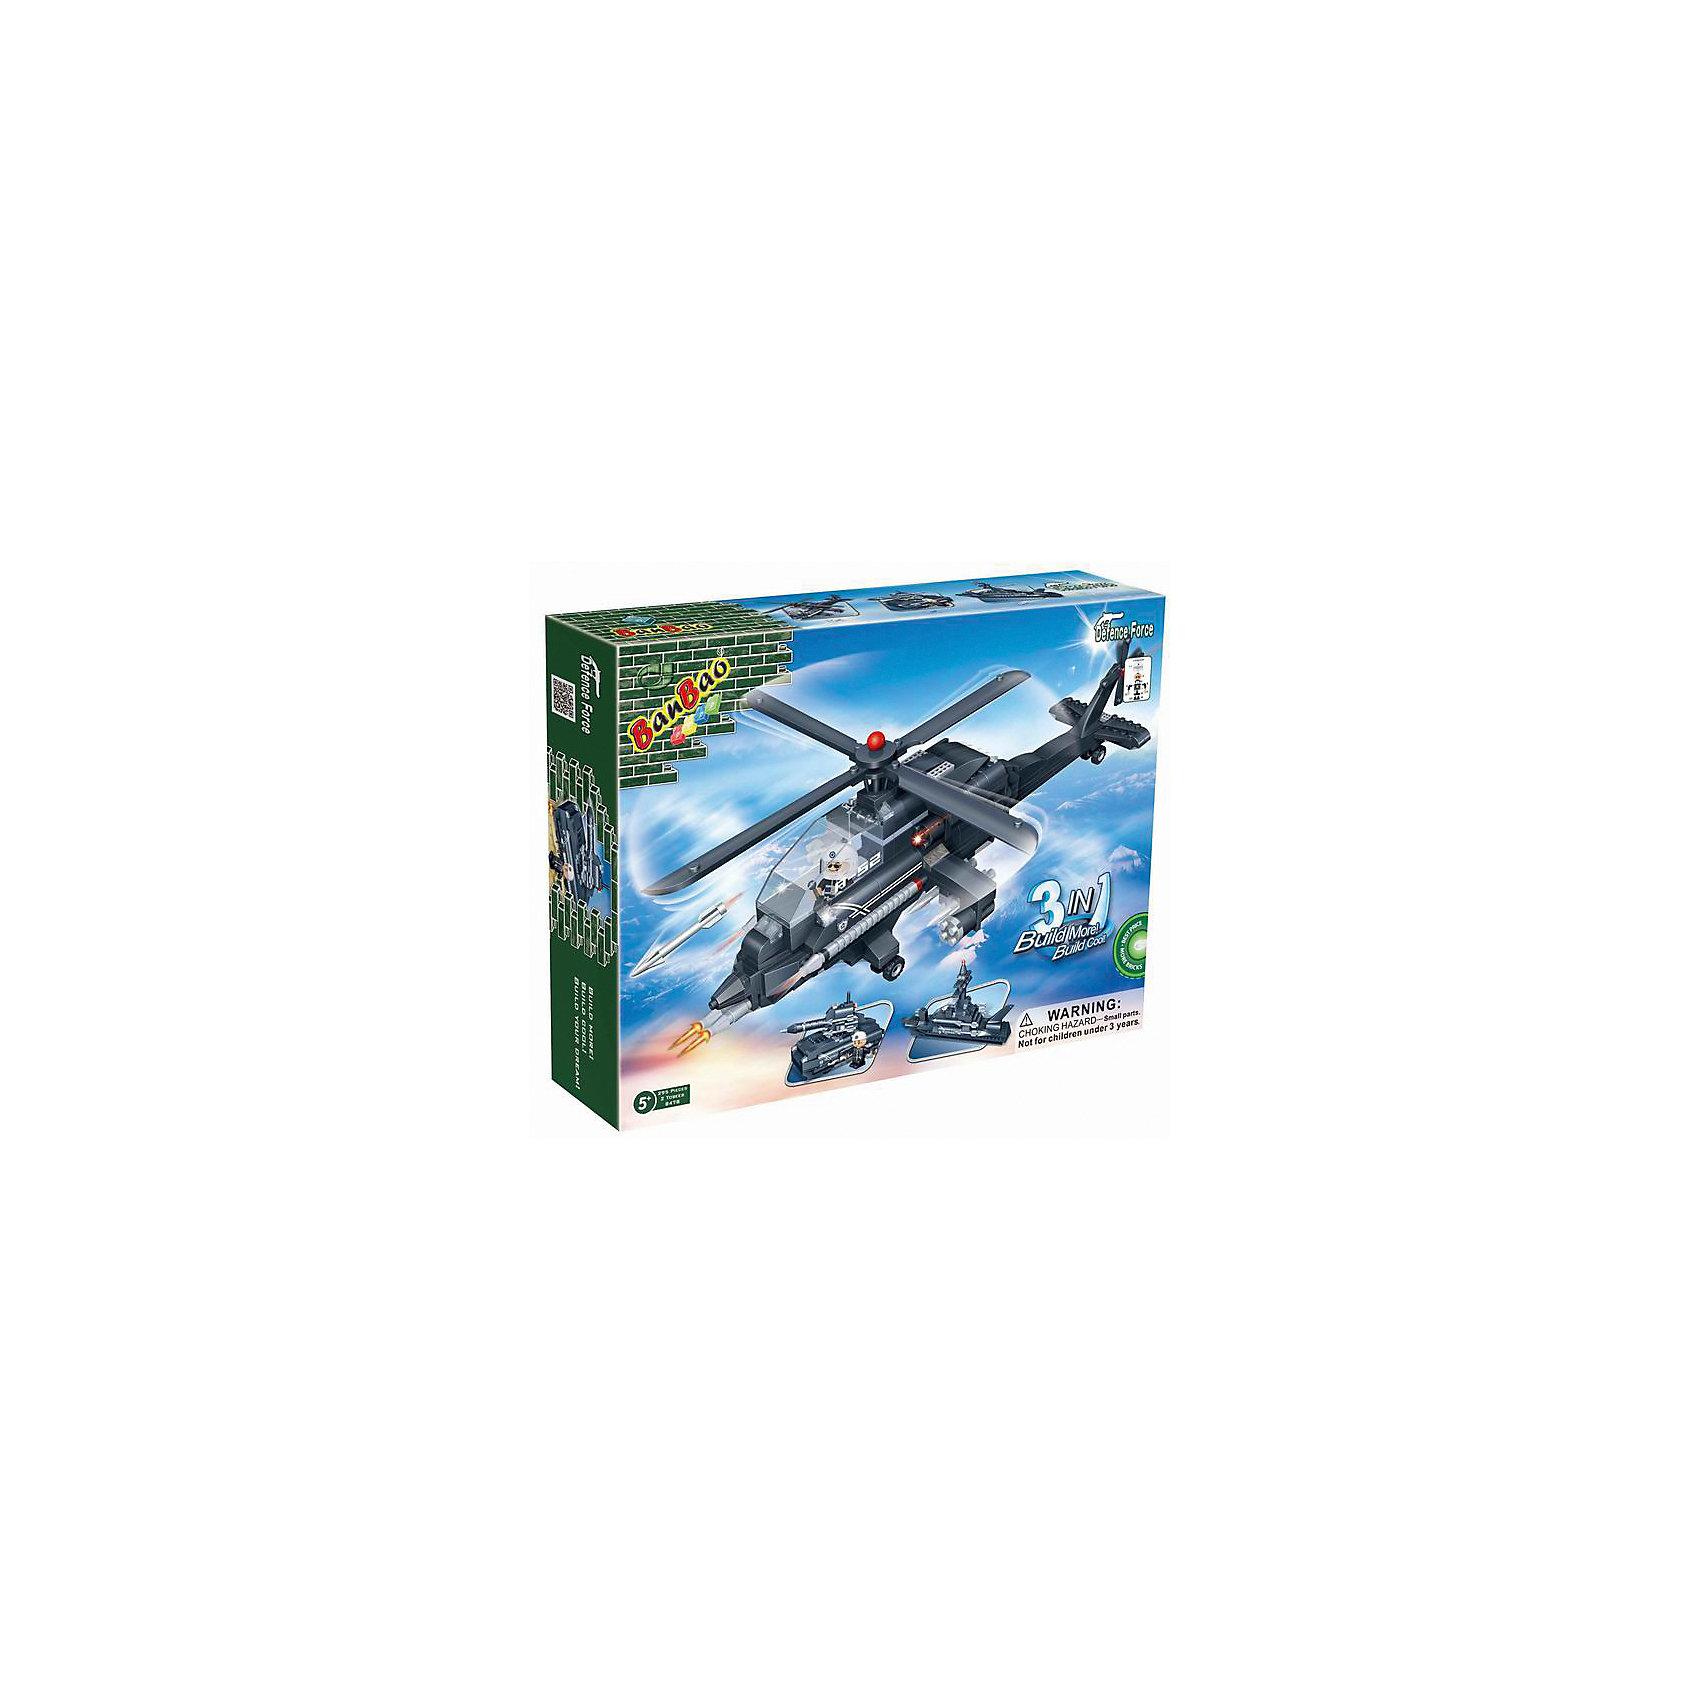 Конструктор 3 в 1: вертолет, танк, корабль,  BanBaoПластмассовые конструкторы<br>Этот набор приведет в восторг любого мальчишку! Конструктор является трансформером, так как из его деталей ребёнок сможет собрать три совершенно разных истребителя. Игрушка обладает высокой детализацией и множеством правдоподобных элементов, что делает игрушку очень интересной для ребенка. Конструирование - увлекательный и полезный процесс, развивающий мелкую моторику, мышление и фантазию. Все детали набора выполнены из высококачественного экологичного пластика, имеют идеально гладкую поверхность и прочно крепятся друг к другу. Прекрасный вариант для подарка на любой праздник.  <br><br>Дополнительная информация:<br><br>- Конструктор развивает усидчивость, внимание, фантазию и мелкую моторику.<br>- Материал: пластик.<br>- Комплектация: детали конструктора, с помощью которых можно собрать вертолет, корабль или танк, 2 фигурки.<br>- Кабина открывается.<br>- Винт, колеса подвижные. <br>- Количество деталей: 295.<br>- Размер упаковки: 37x28,5x6,5 см.<br><br>Конструктор 3 в 1: вертолет, танк, корабль,  BanBao (БанБао), можно купить в нашем магазине.<br><br>Ширина мм: 375<br>Глубина мм: 285<br>Высота мм: 65<br>Вес г: 700<br>Возраст от месяцев: 60<br>Возраст до месяцев: 144<br>Пол: Мужской<br>Возраст: Детский<br>SKU: 4411862